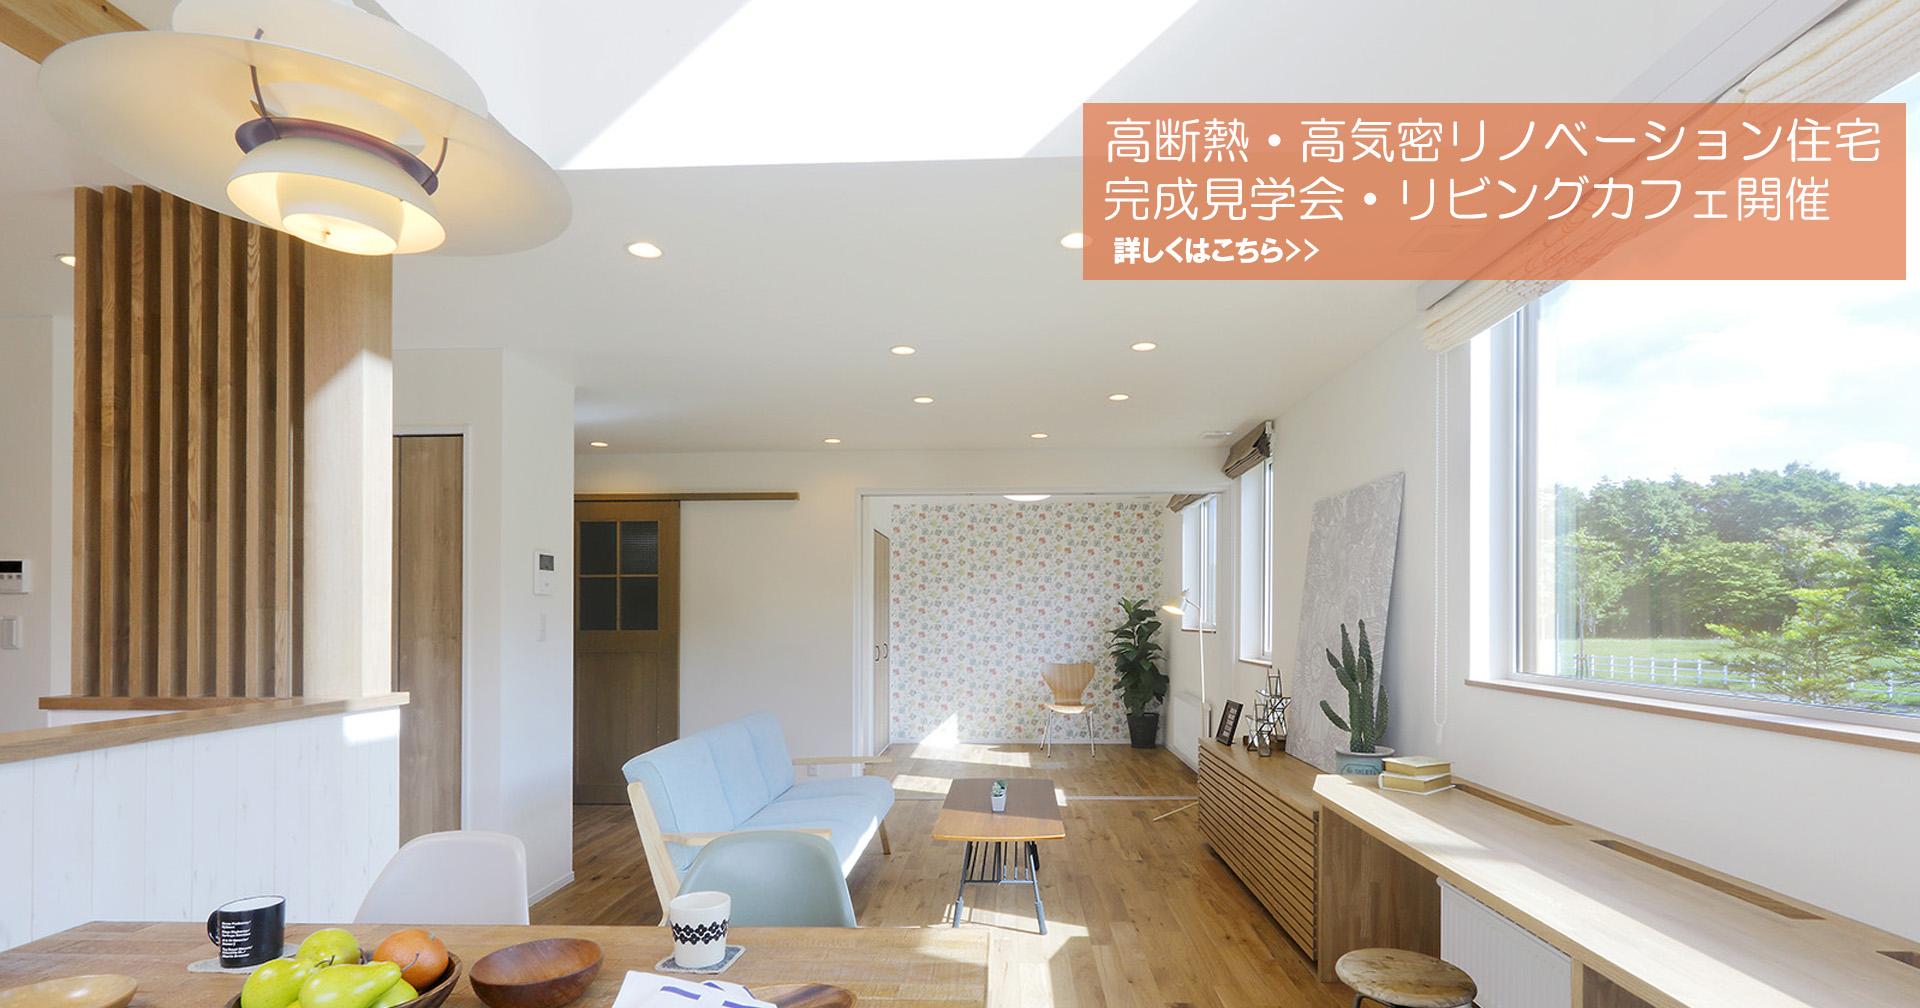 10月15日から札幌市北区で開催 長期優良住宅 リノベーション住宅 完成見学会